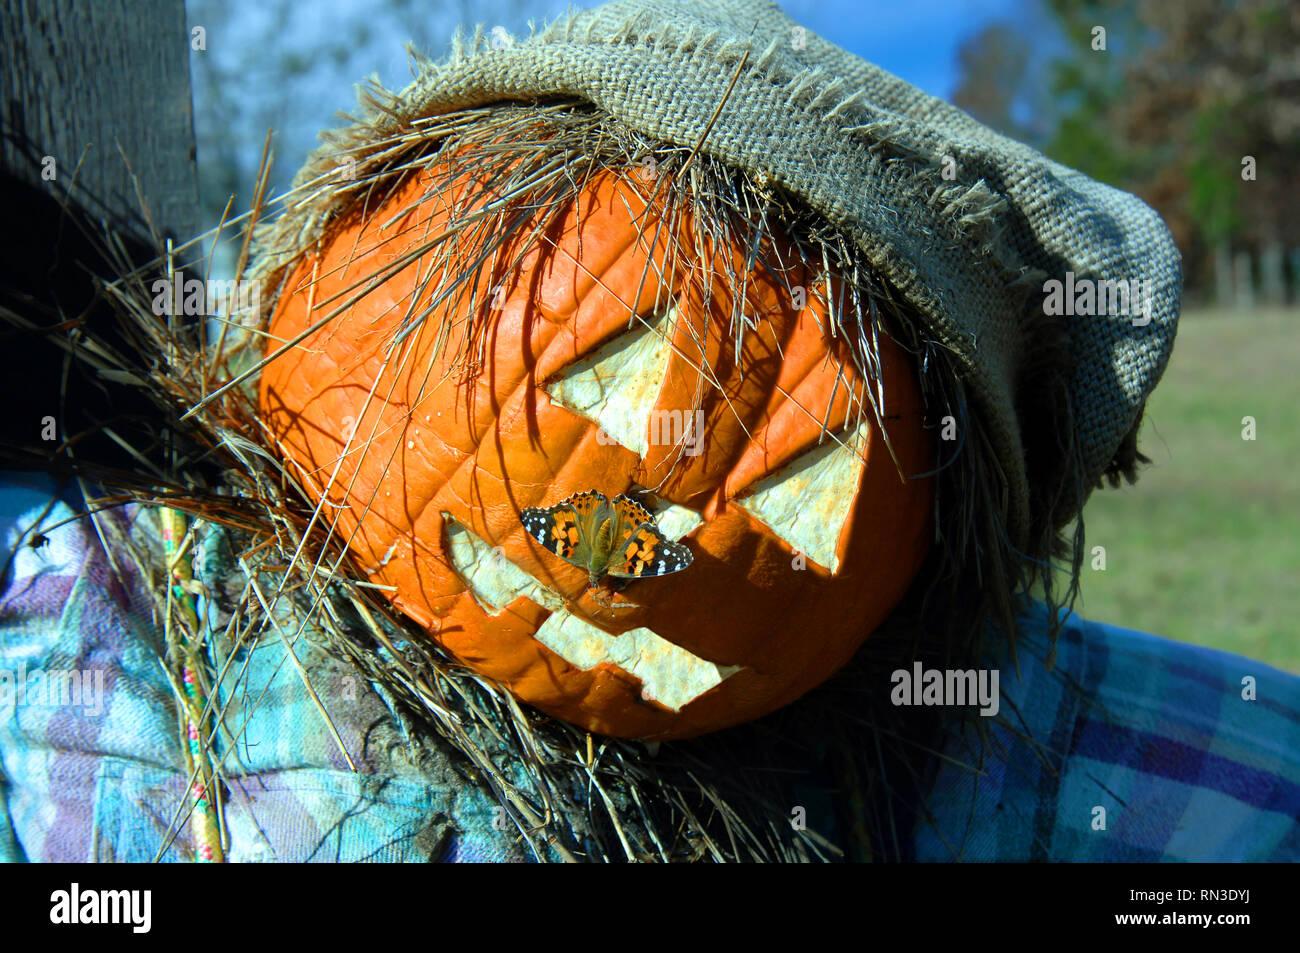 Primer plano de la cara de espantapájaros muestra una polilla Checkerspot plateado sentado en el espantapájaros's Pumpkin cabeza tallada. Foto de stock